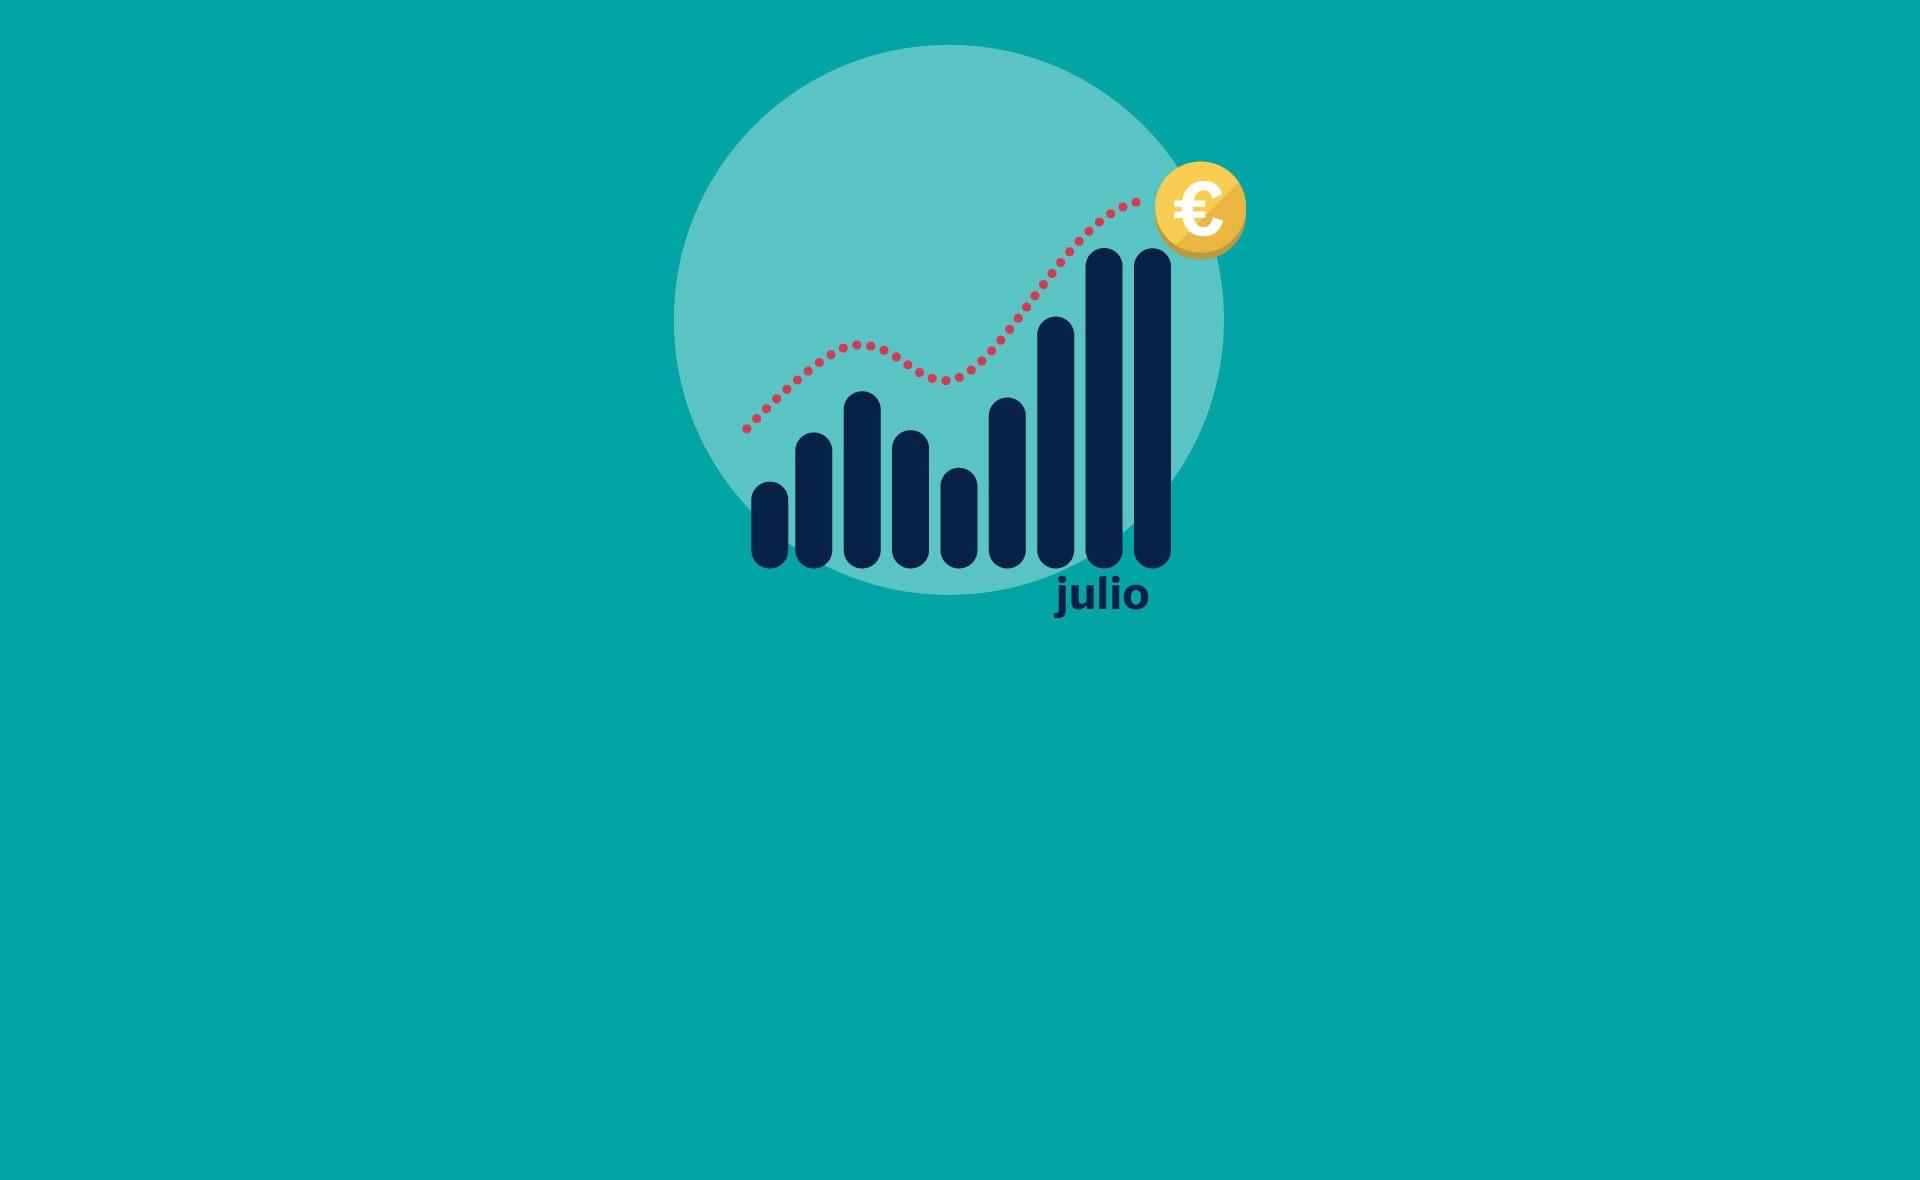 Imagen de Euribor, finanzas, recurso